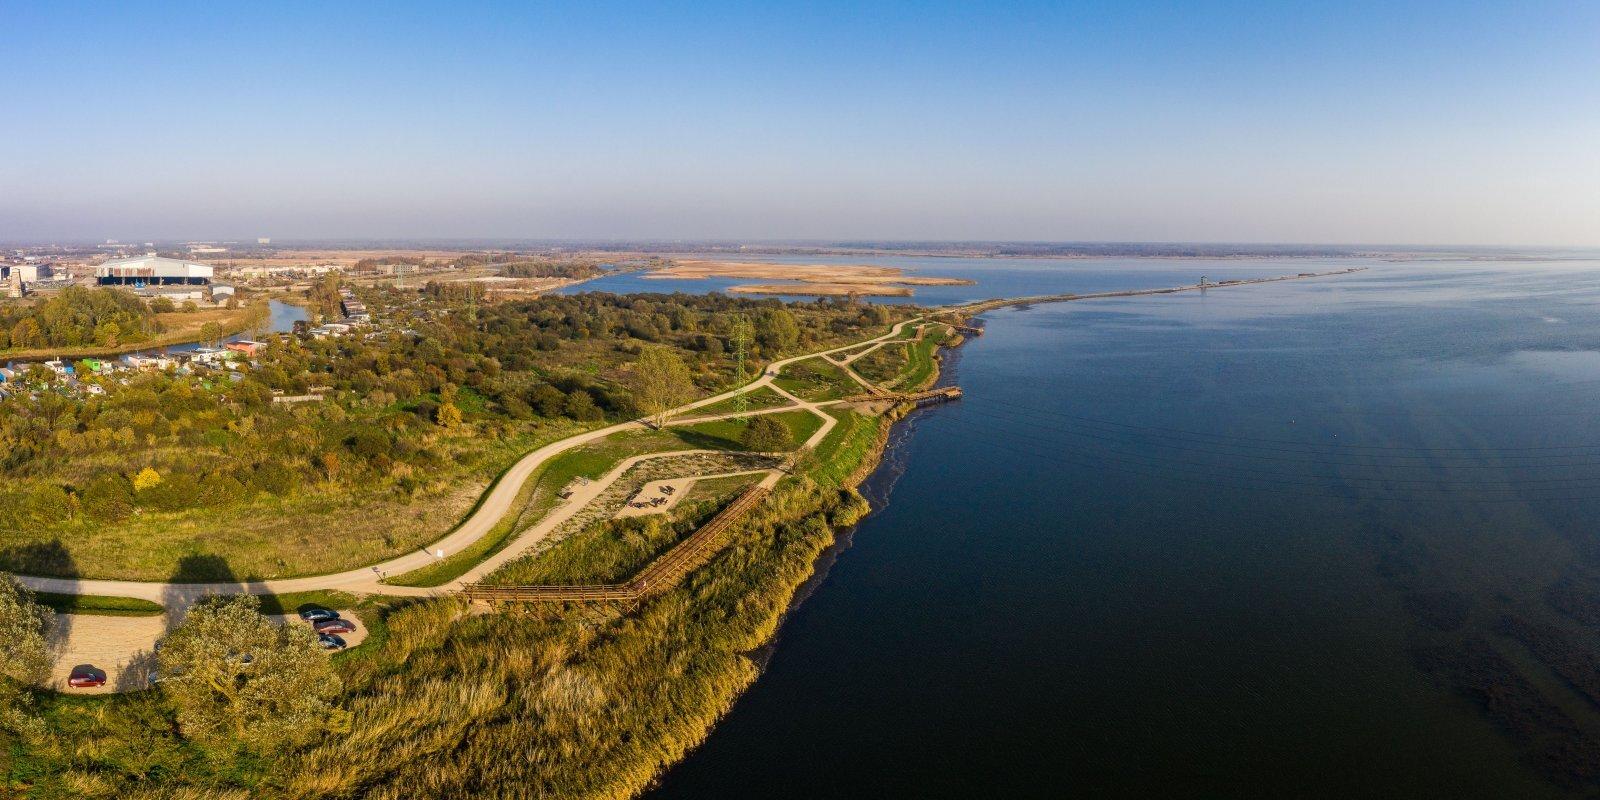 Adata, militārais mantojums un muižu parki: ar ko šogad pārsteigs Latvijas tūrisma nozare?